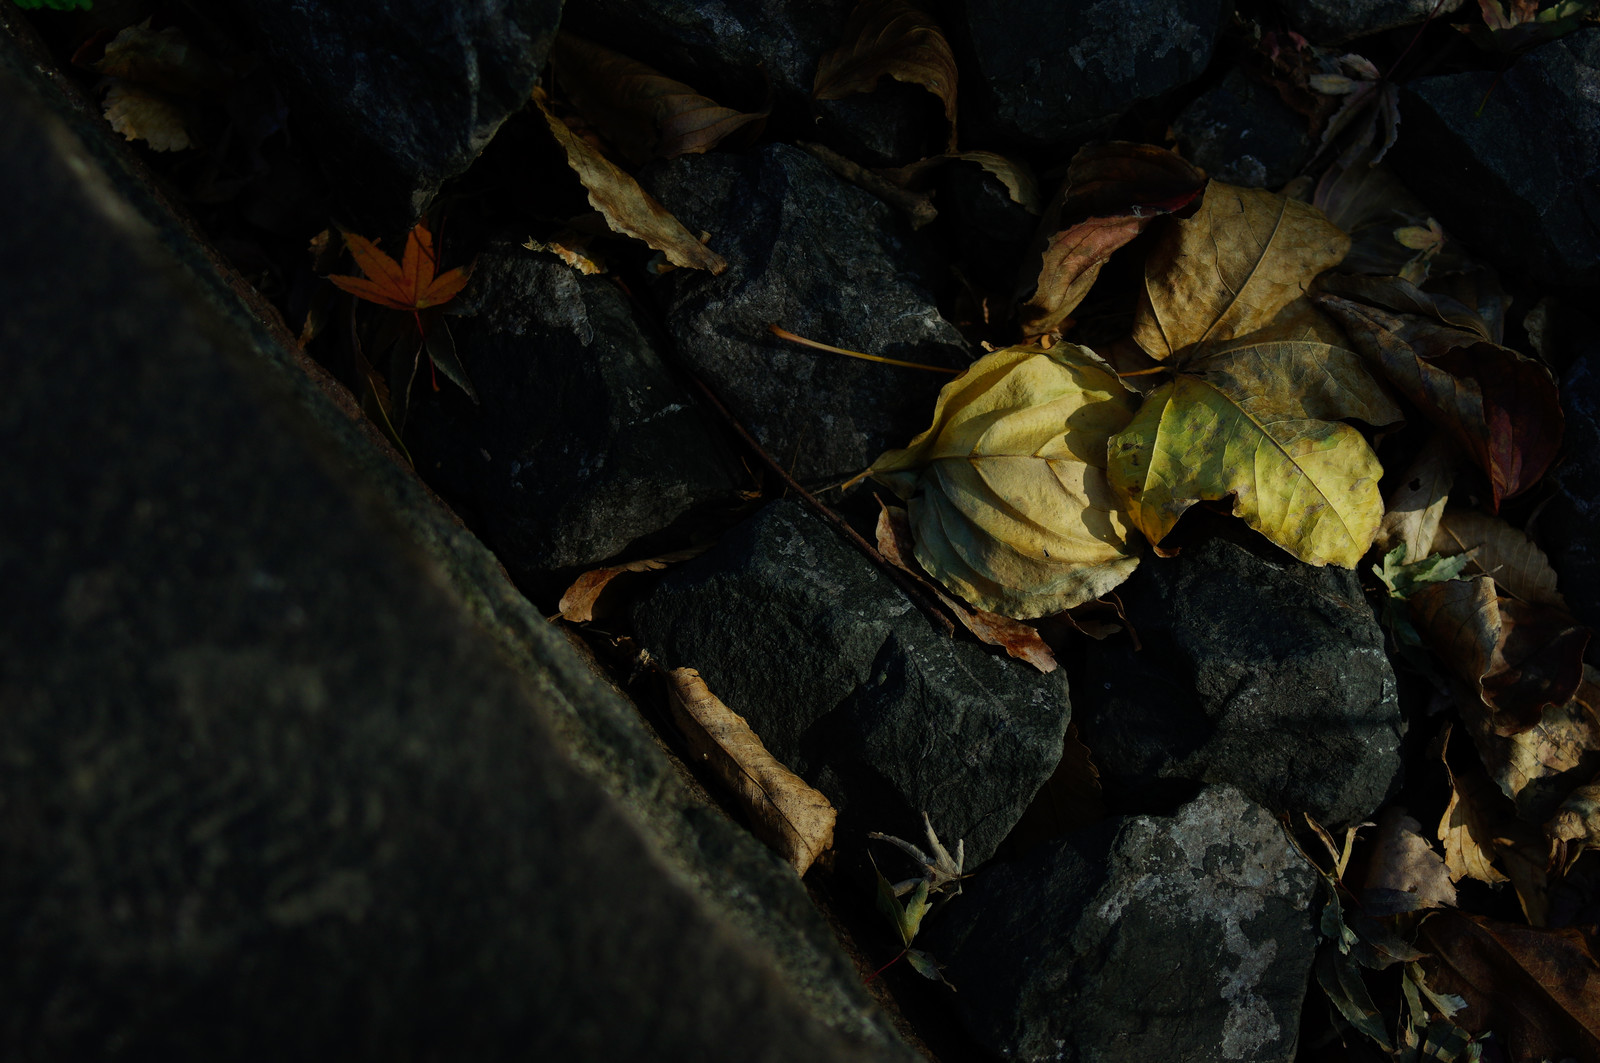 「石の間で朽ちるのを待つ落ち葉」の写真